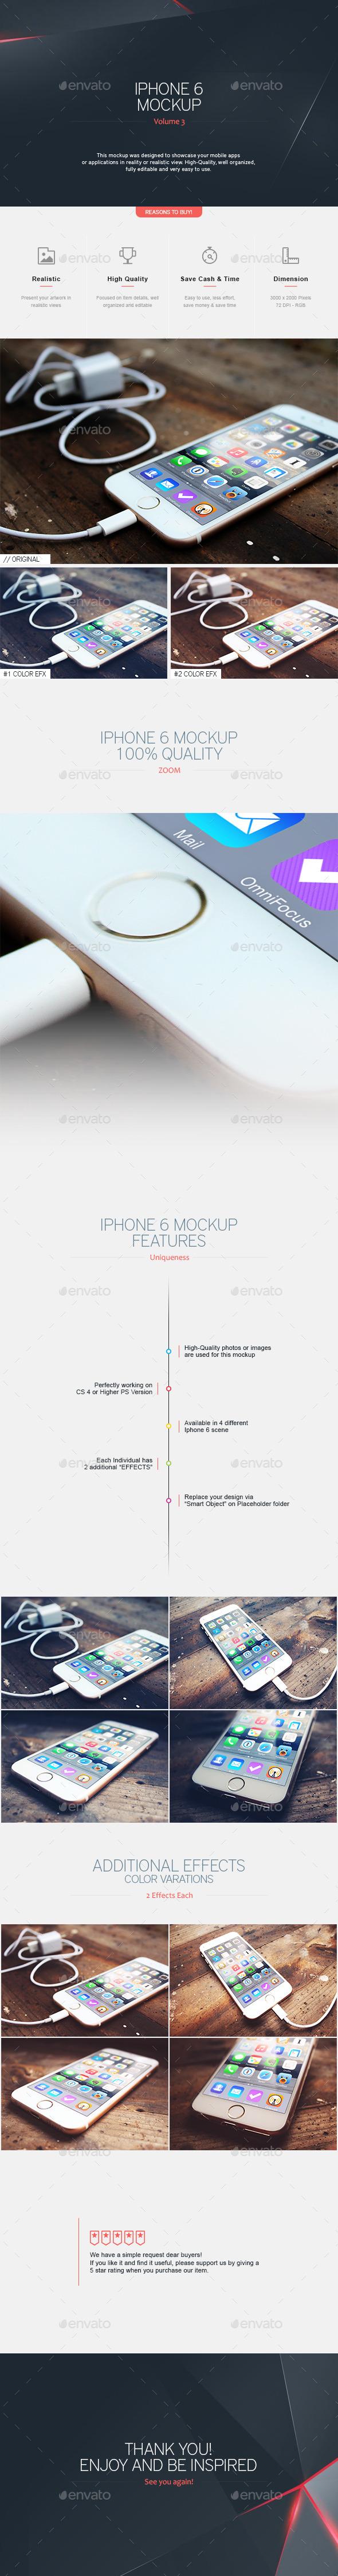 Iphone 6 Mockup V.3 - Mobile Displays